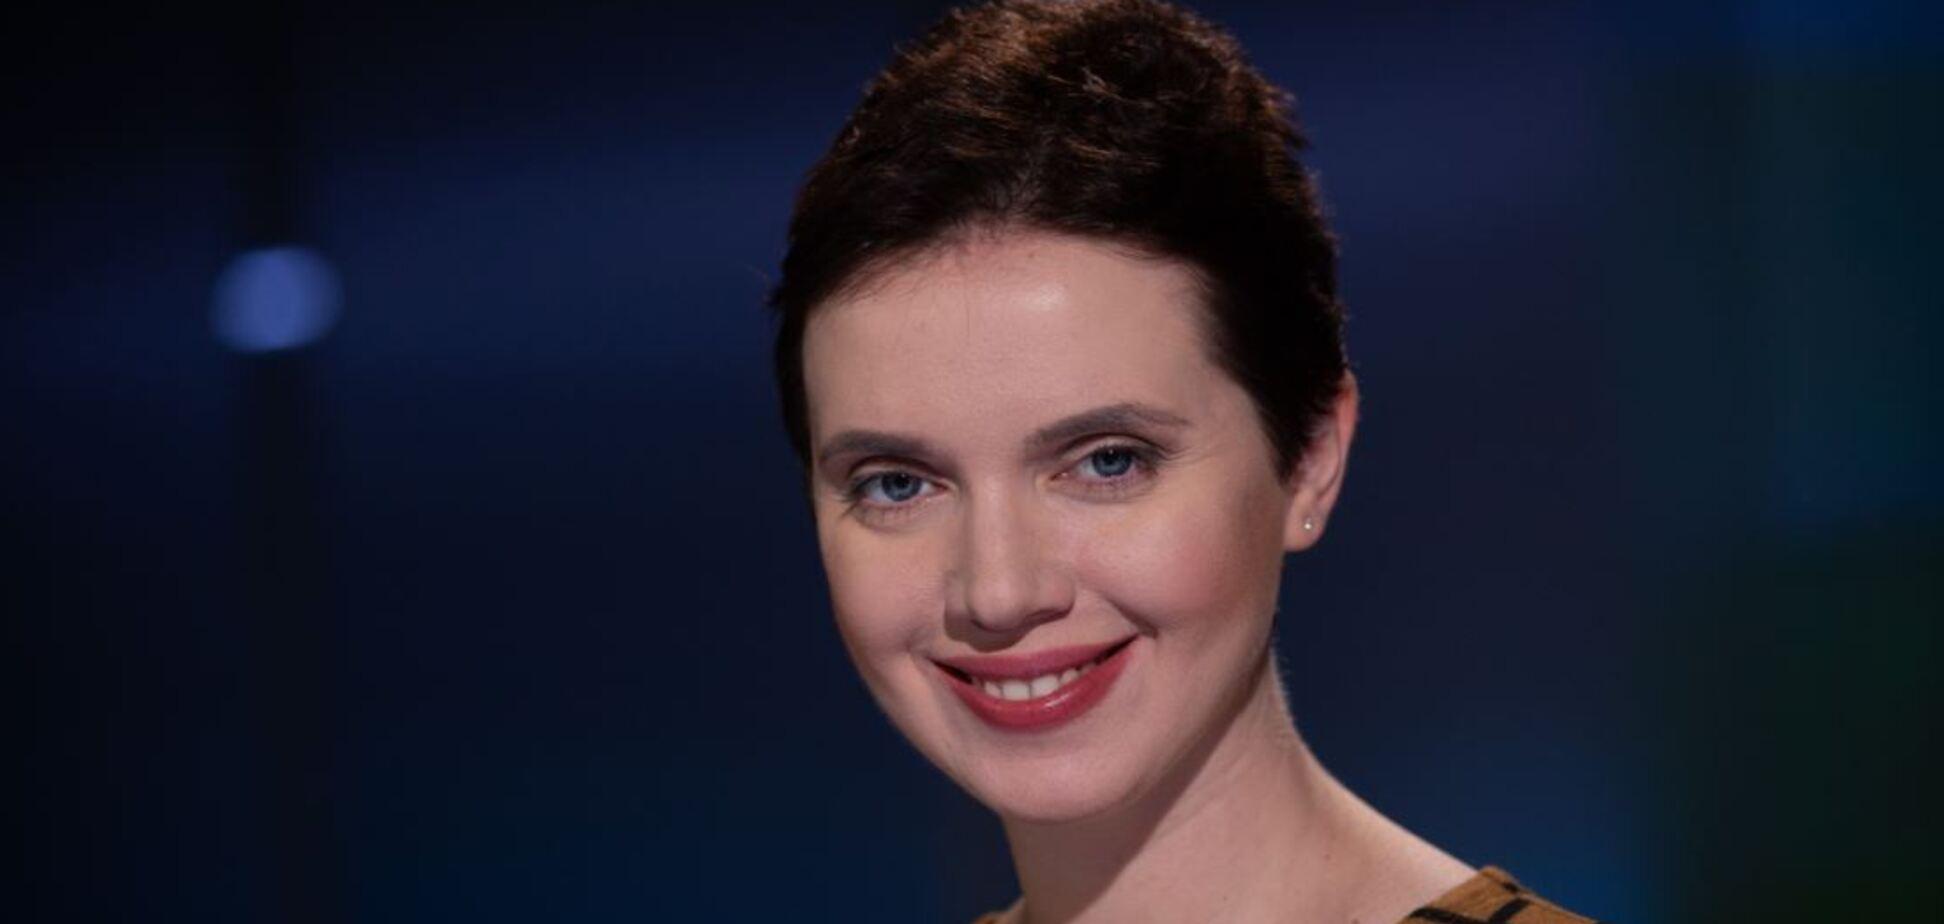 Янина Соколова напомнила украинцам, как СССР ломал судьбы людей. Источник: Радио Свобода